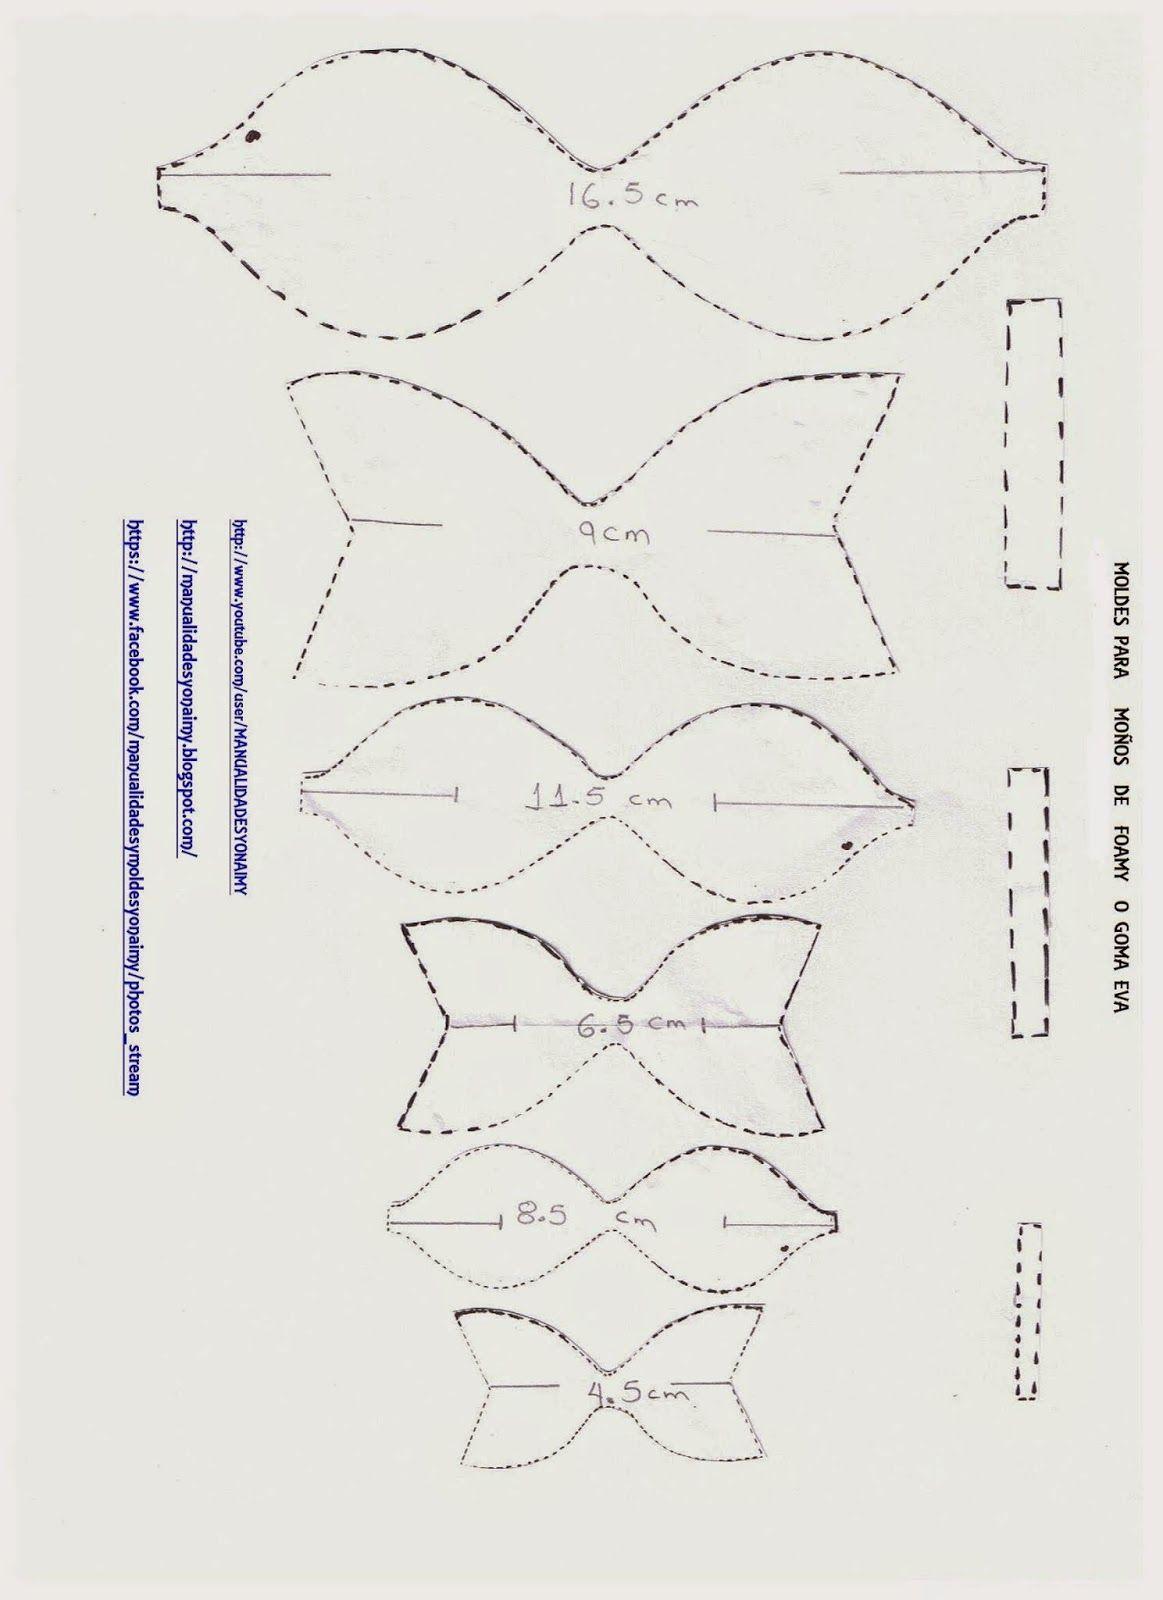 Manualidades yonaimy enero 2015 molde mo os vinil for Cartamodello per papillon